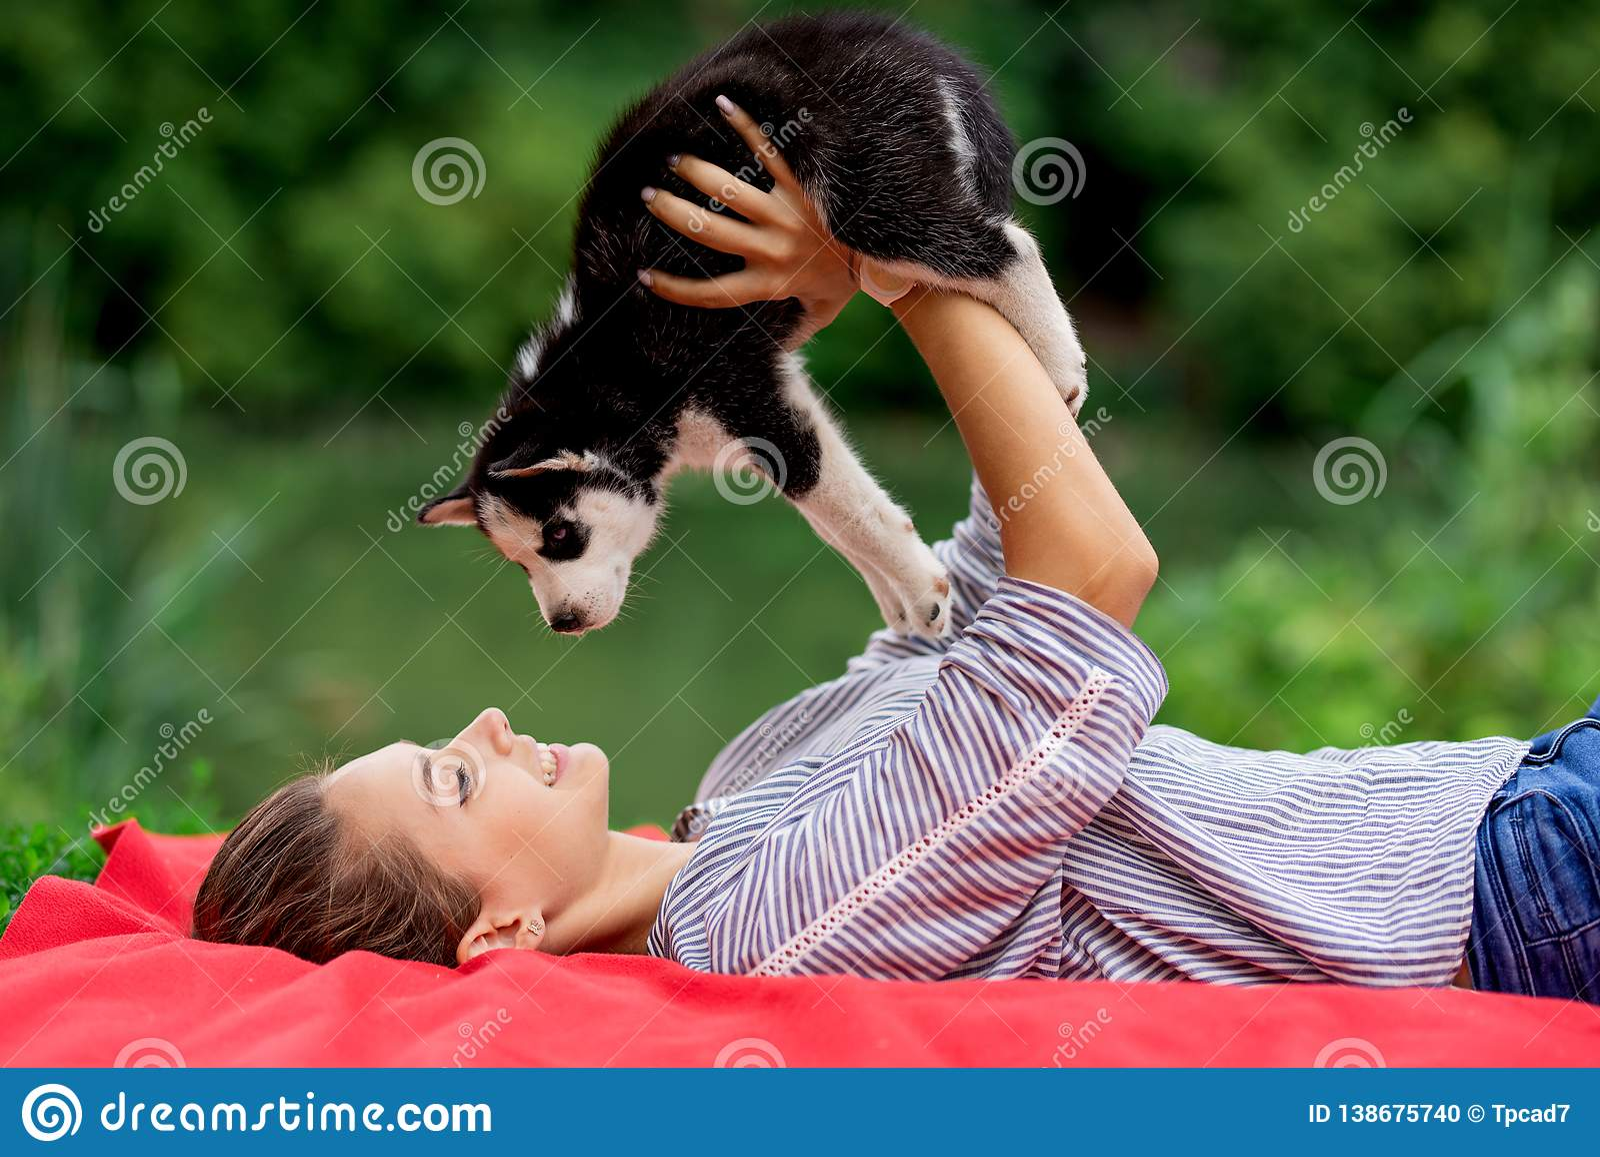 Eine schöne lächelnde Frau mit einem Pferdeschwanz und dem Tragen eines gestreiften Hemdes spielt mit einem süßen heiseren Welpen